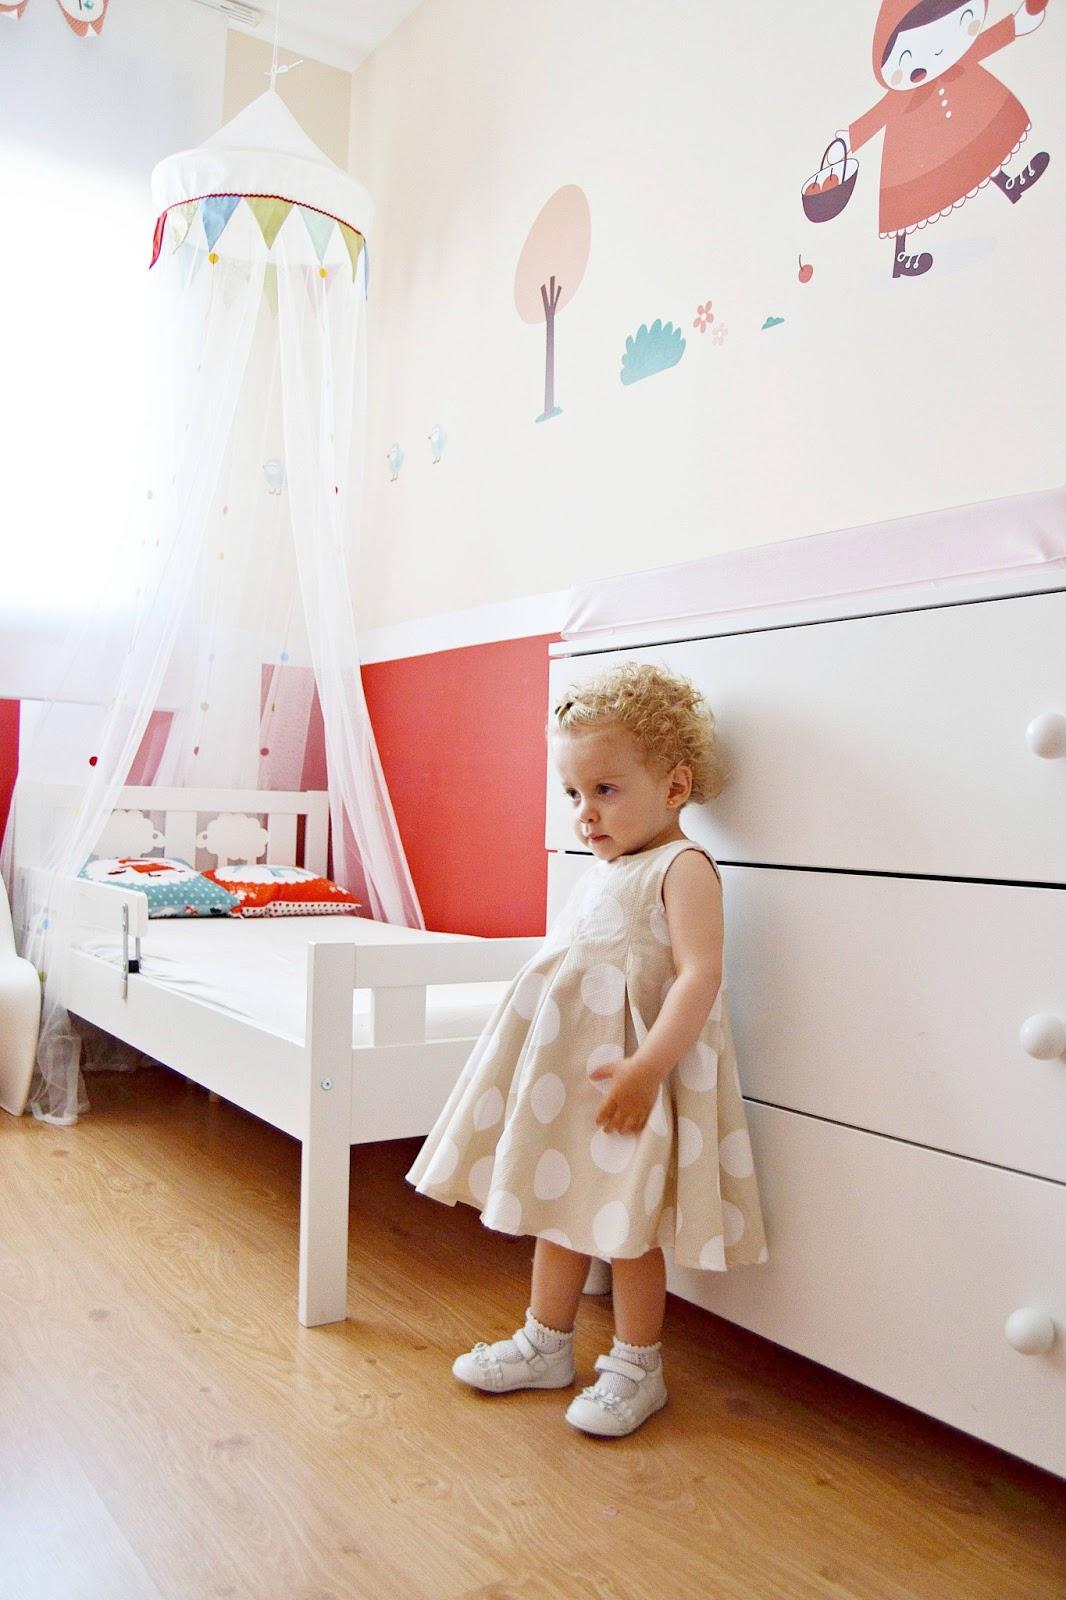 Mam de noa cambio de habitaci n de beb a mayor - Habitacion pequena nina ...